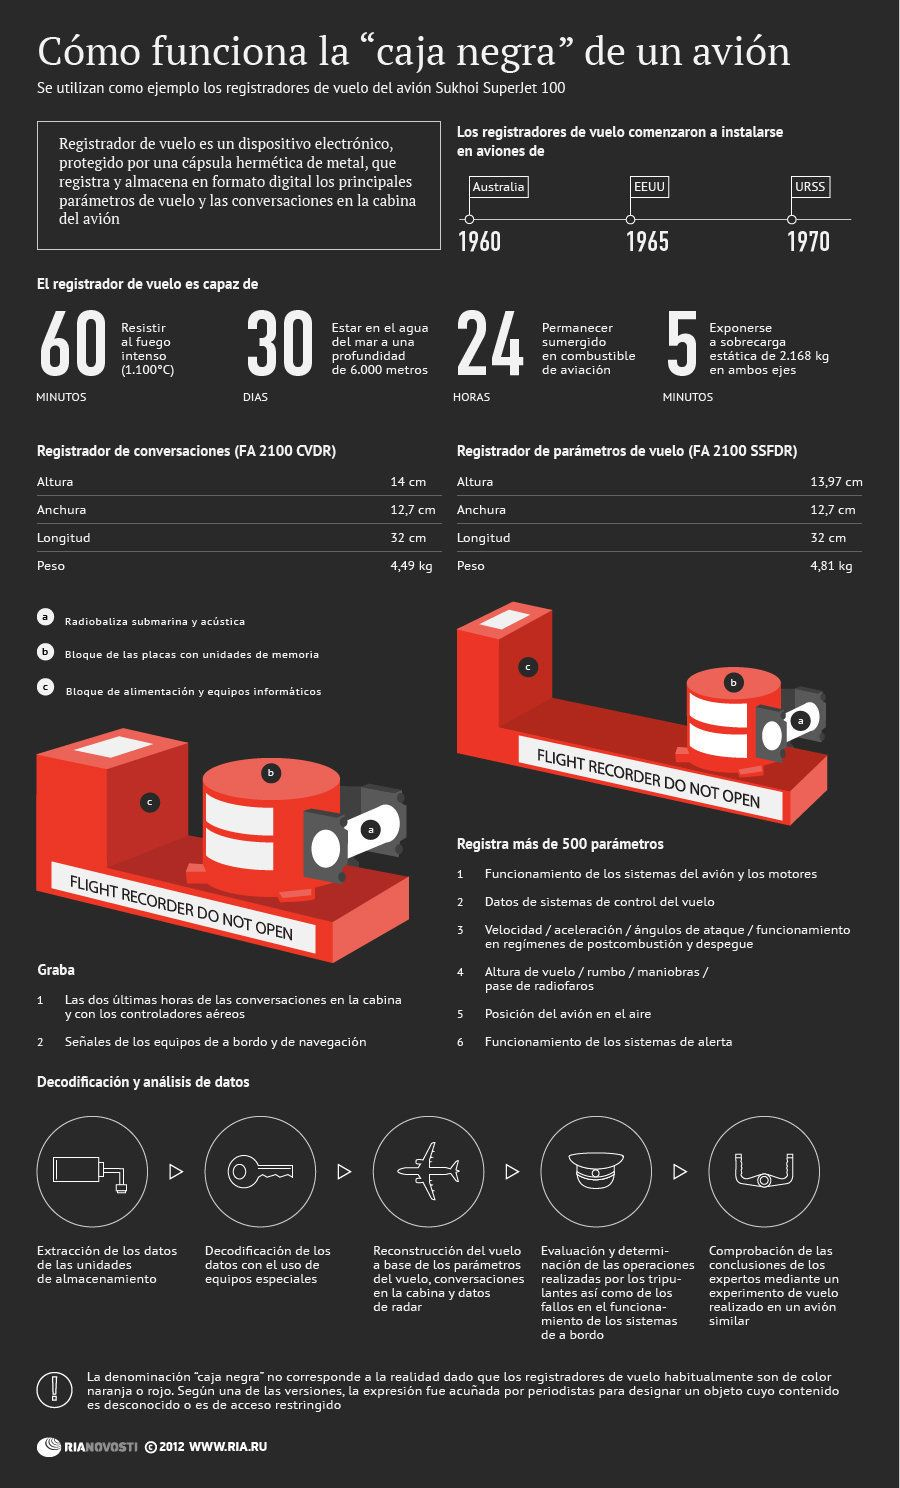 Cómo Funciona La Caja Negra De Una Avión Infografia Infographic Tics Y Formación Caja Negra Aviones Ingenieria Aeronautica